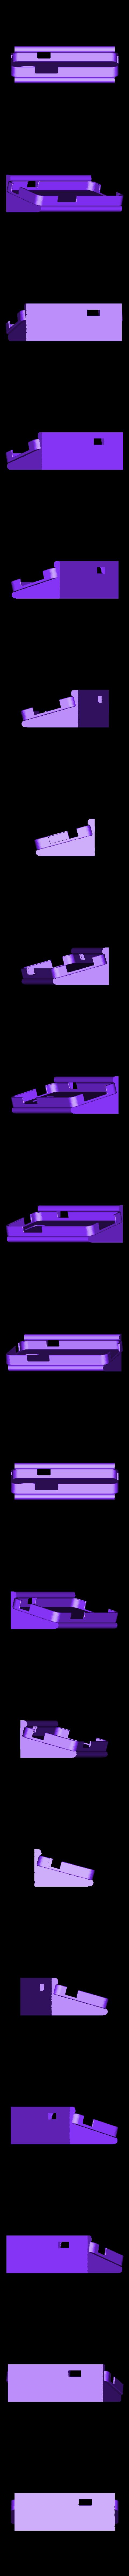 S2Sveglia.stl Télécharger fichier STL gratuit Réveillez-vous avec Samsung S2 • Design pour imprimante 3D, Cipper